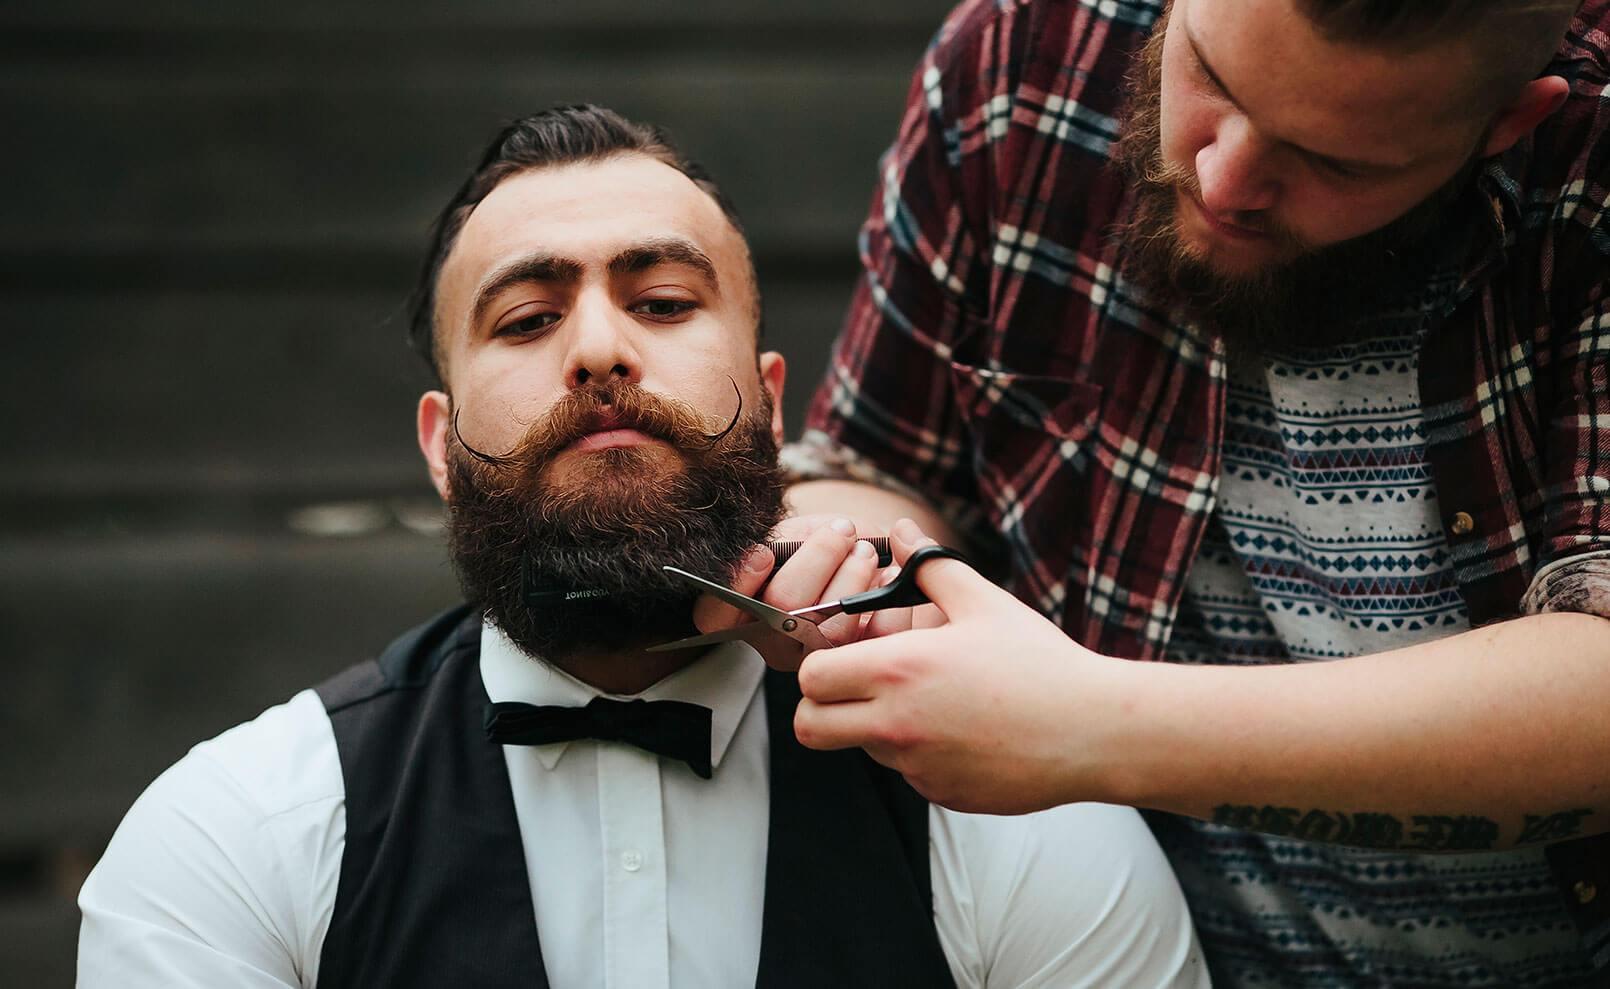 Отращиваем бороду: какие формы являются самыми популярными и кому они идут?